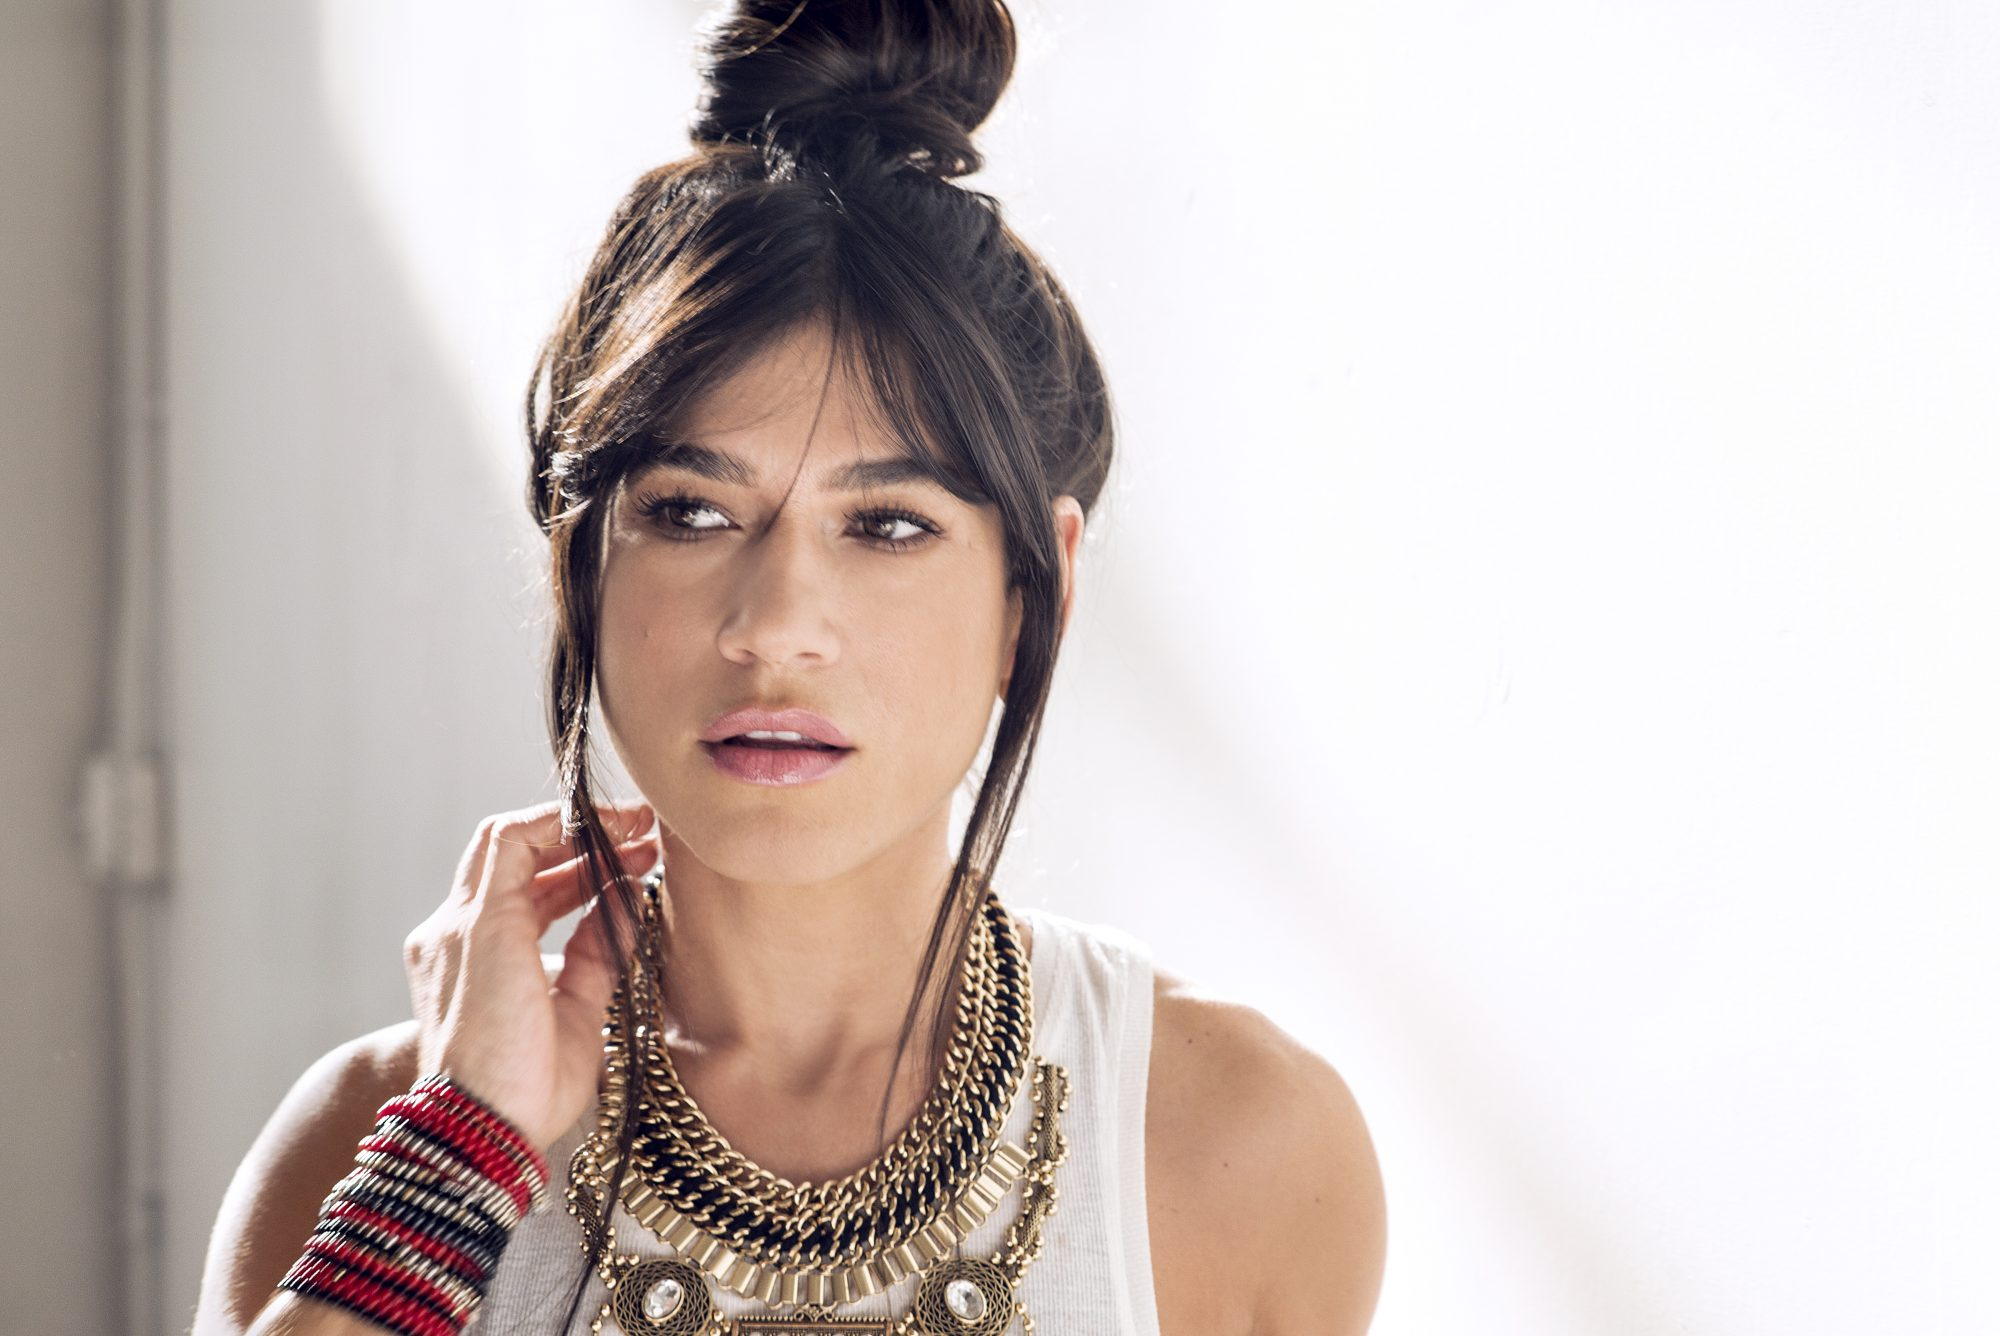 La maquilladora de las estrellas Millie Morales lanza su propia línea de cosméticos